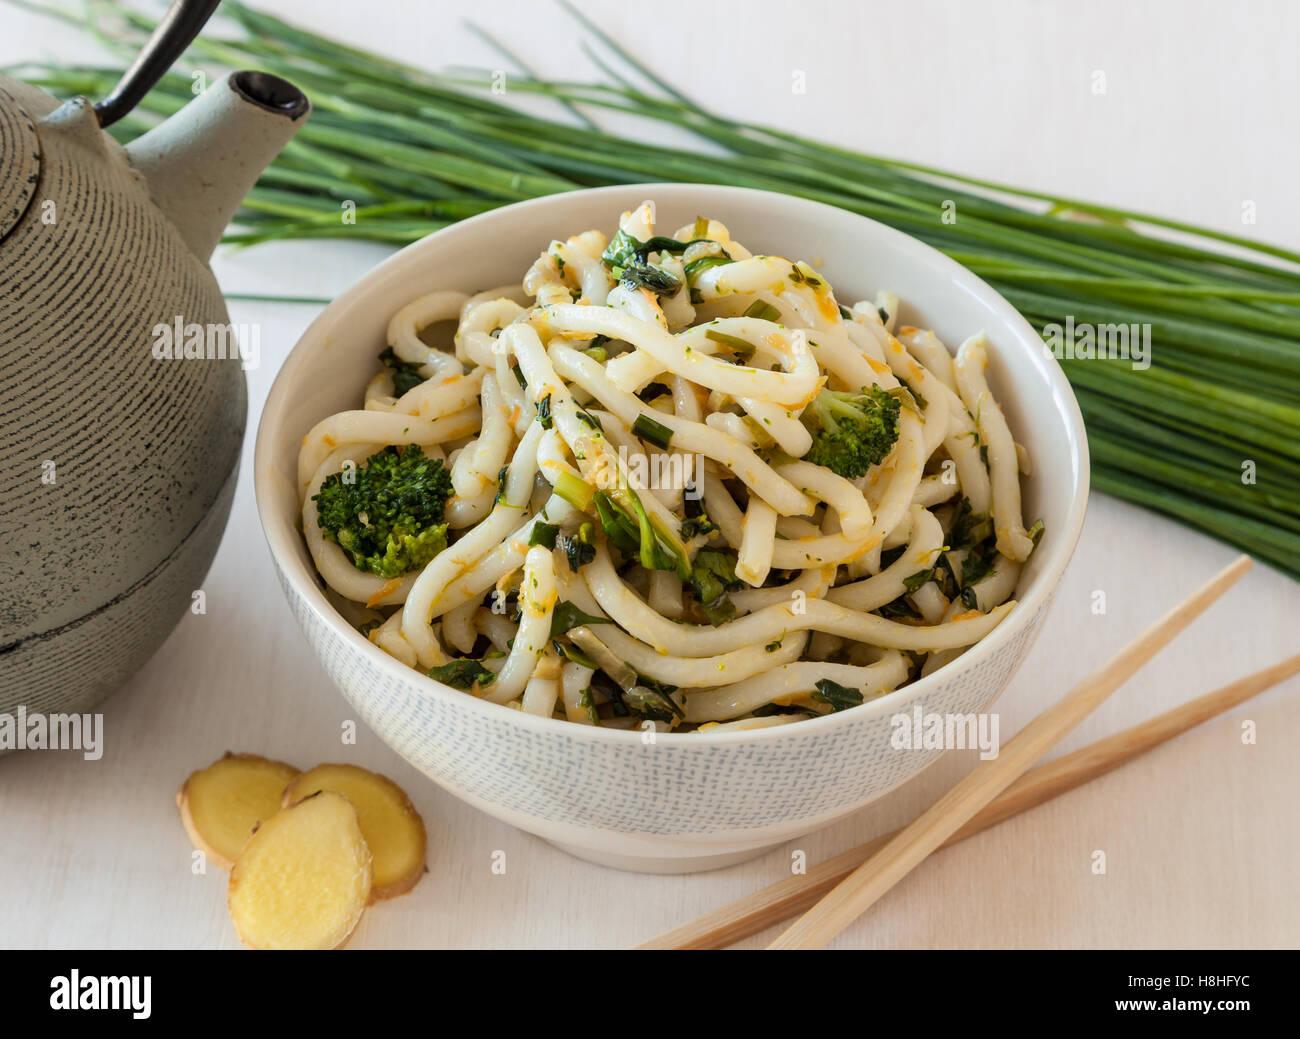 Japanisches Essen. Udon-Nudeln mit Broccoli und Gemüse Stockbild